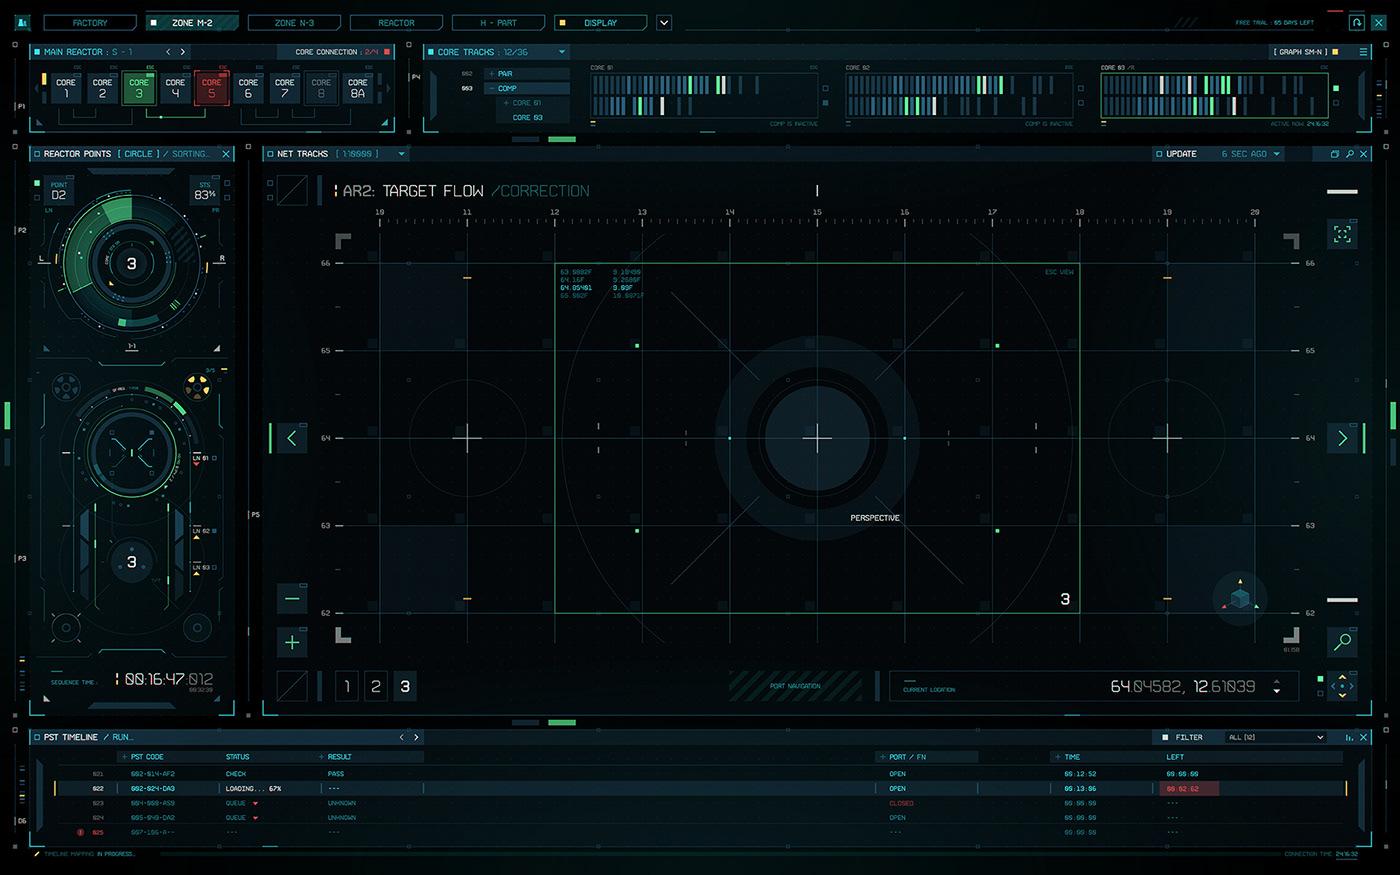 Image may contain: screenshot, monitor and digital compositing